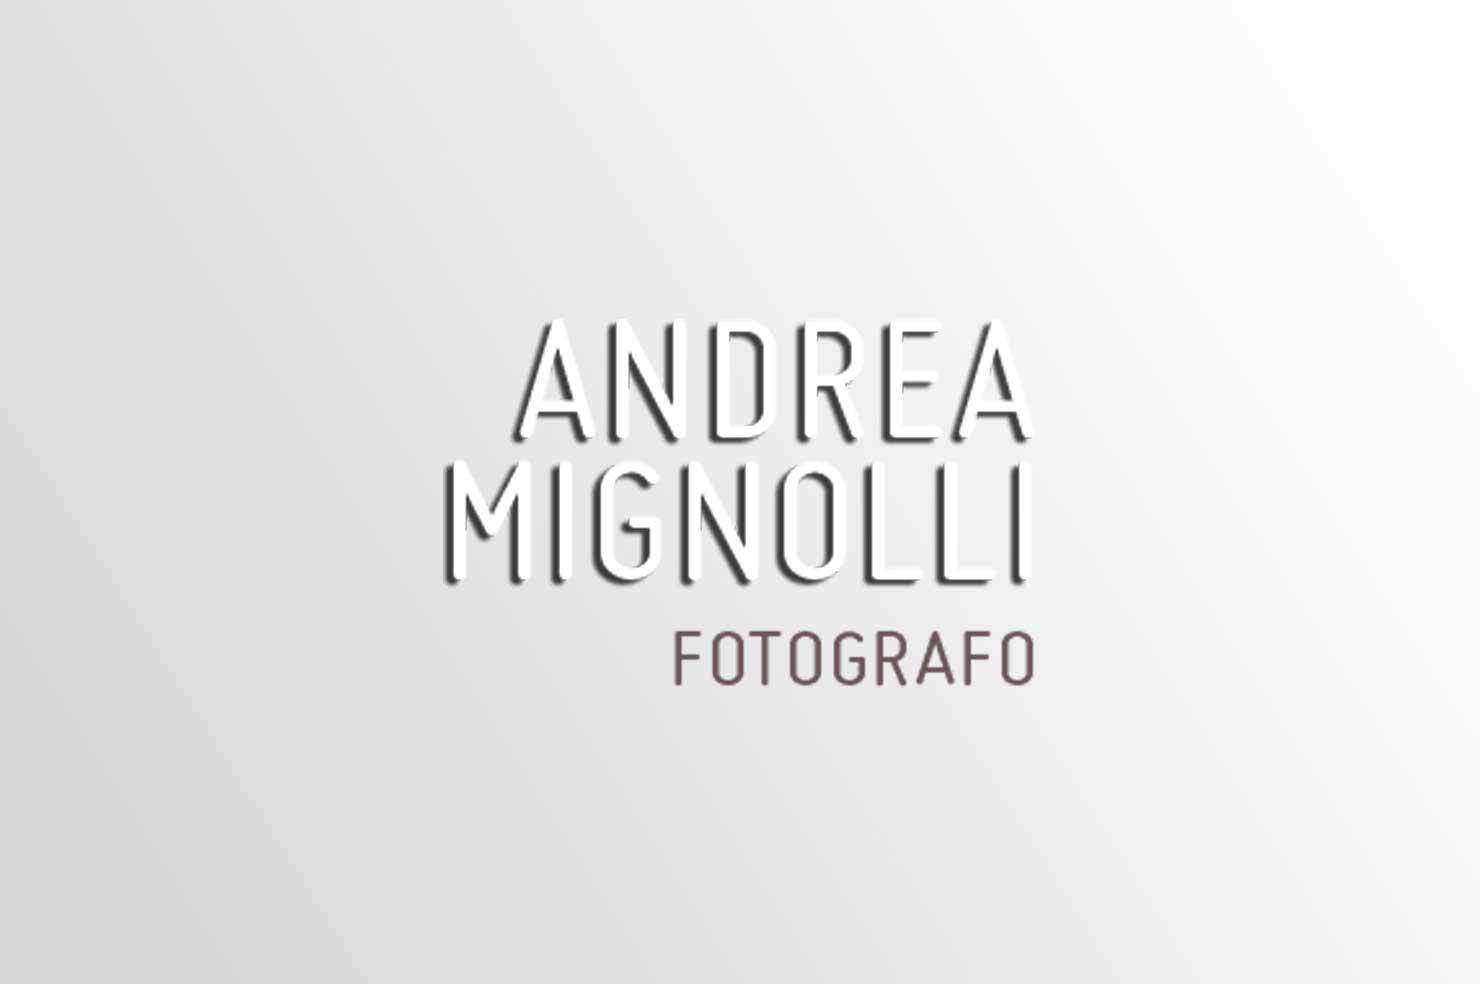 Andrea Mignolli Fotografo | Website